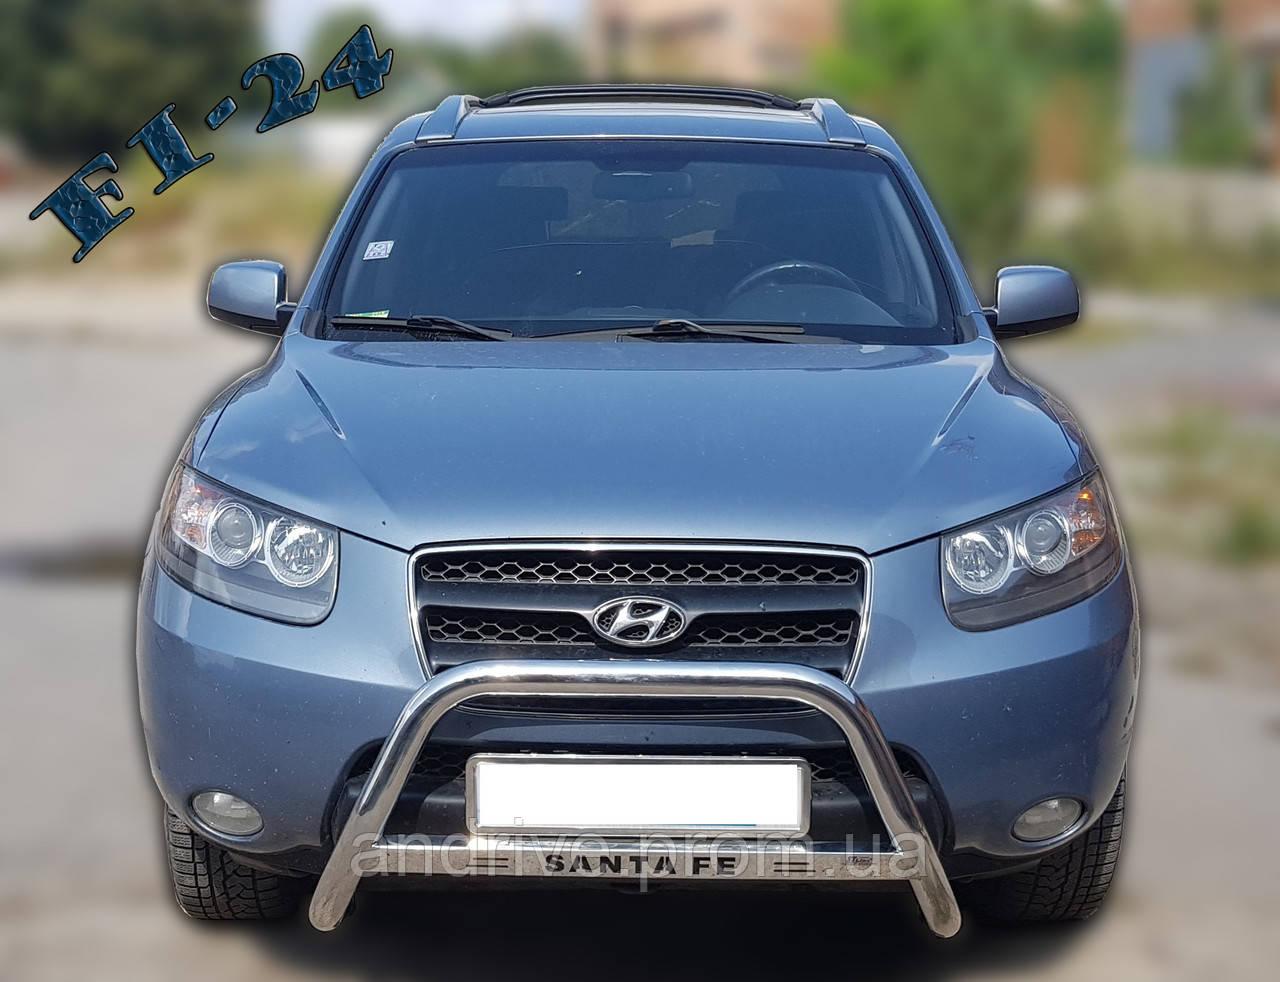 Кенгурятник с лого (защита переднего бампера) Hyundai Santa Fe 2006-2012